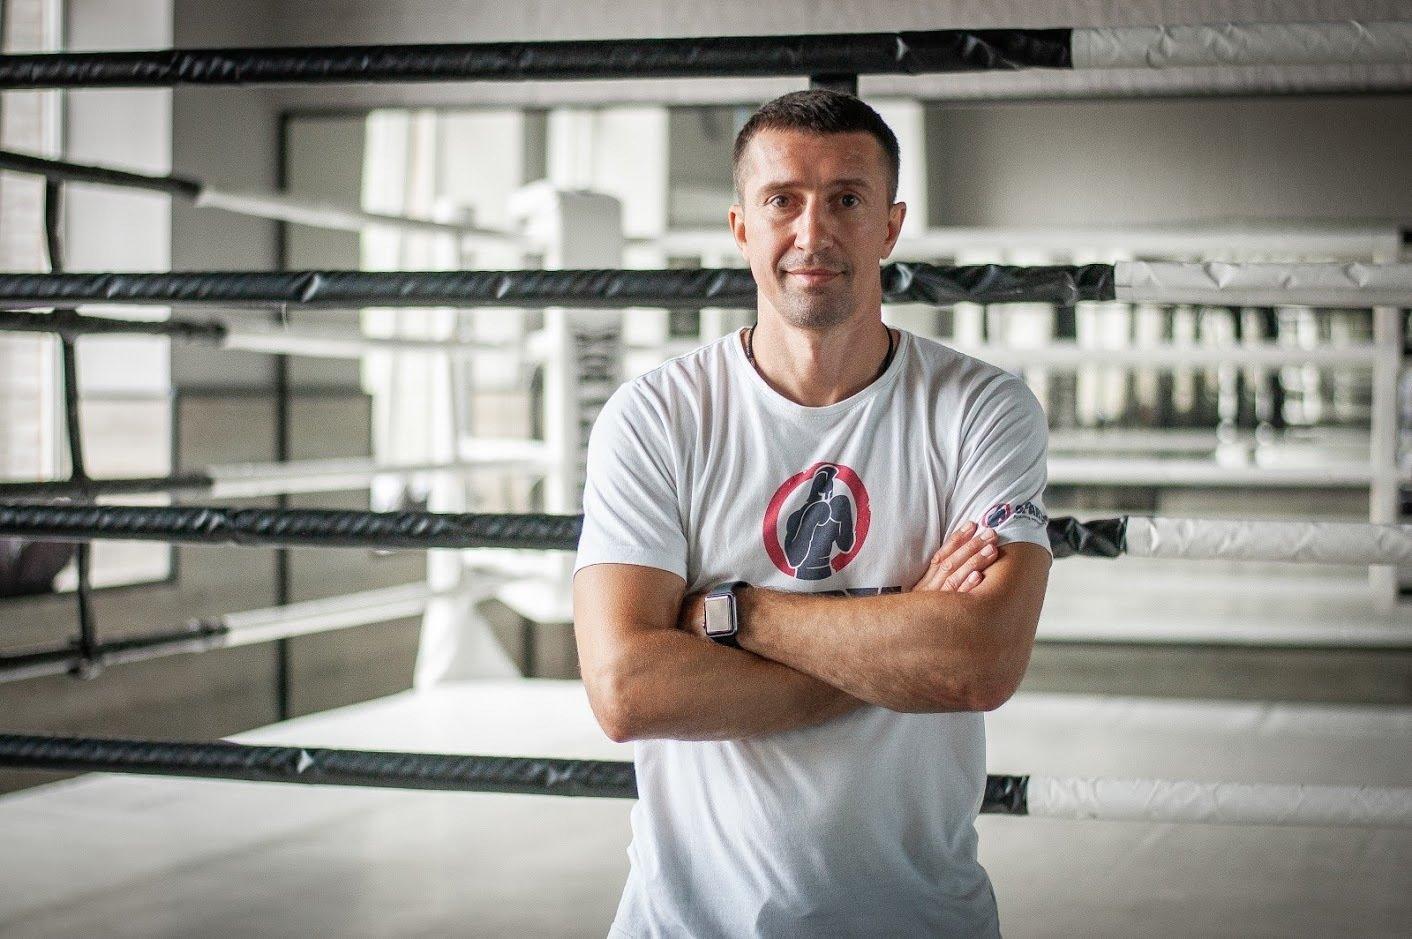 В'ячеслав Сенченко: Кожен всередині повинен бути чемпіоном